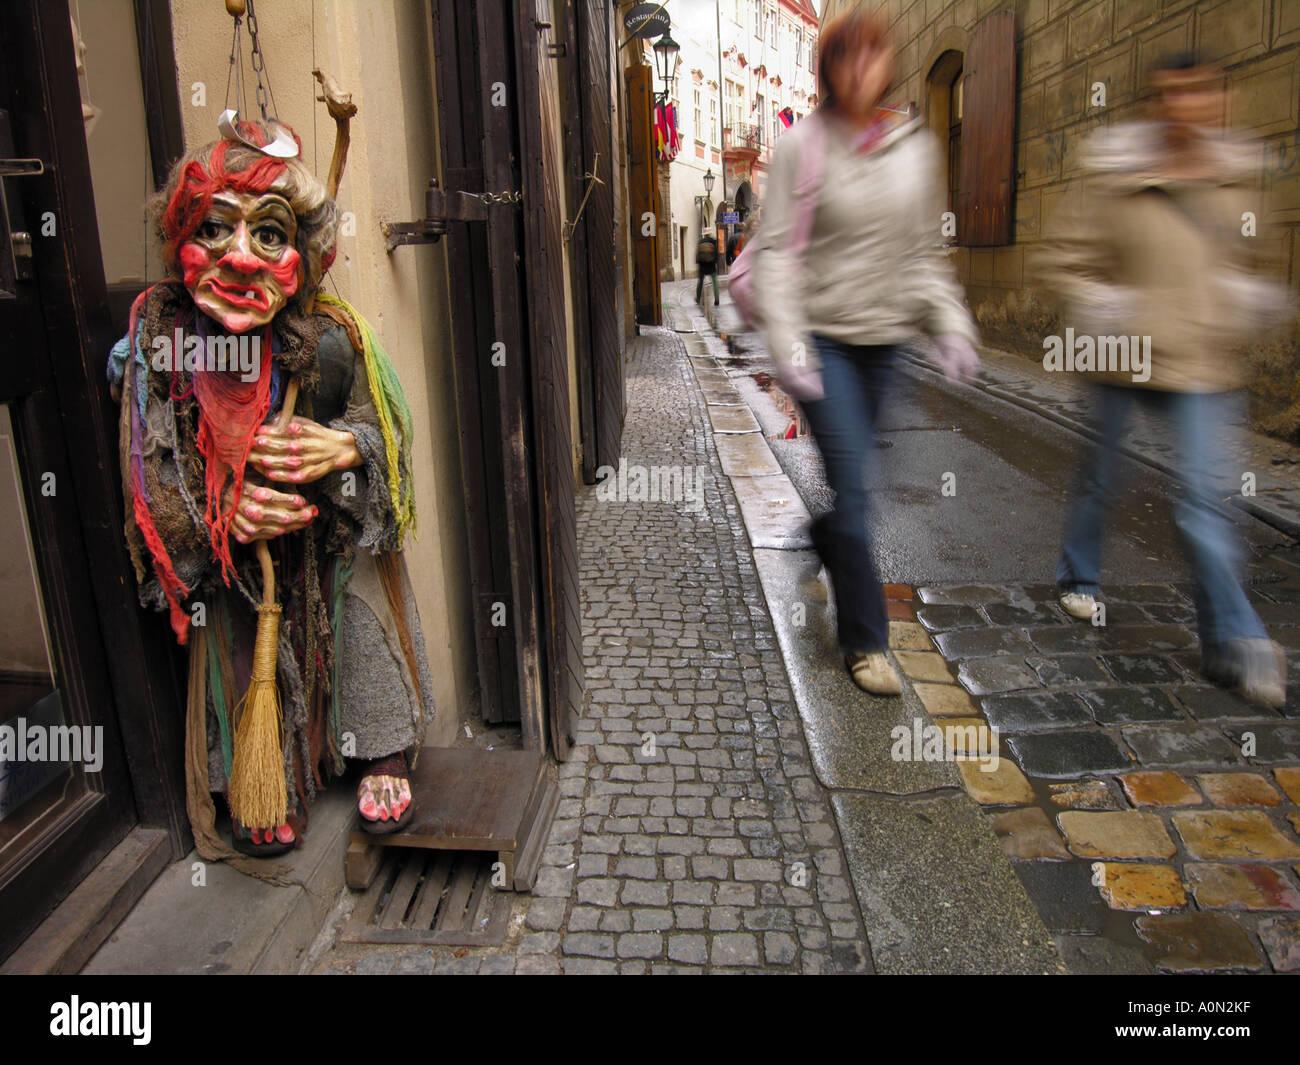 Eine Halloween-Marionette in Form einer Hexe, in einem Shop Eingang in einer gepflasterten Straße in Prag, Tschechien. Stockbild